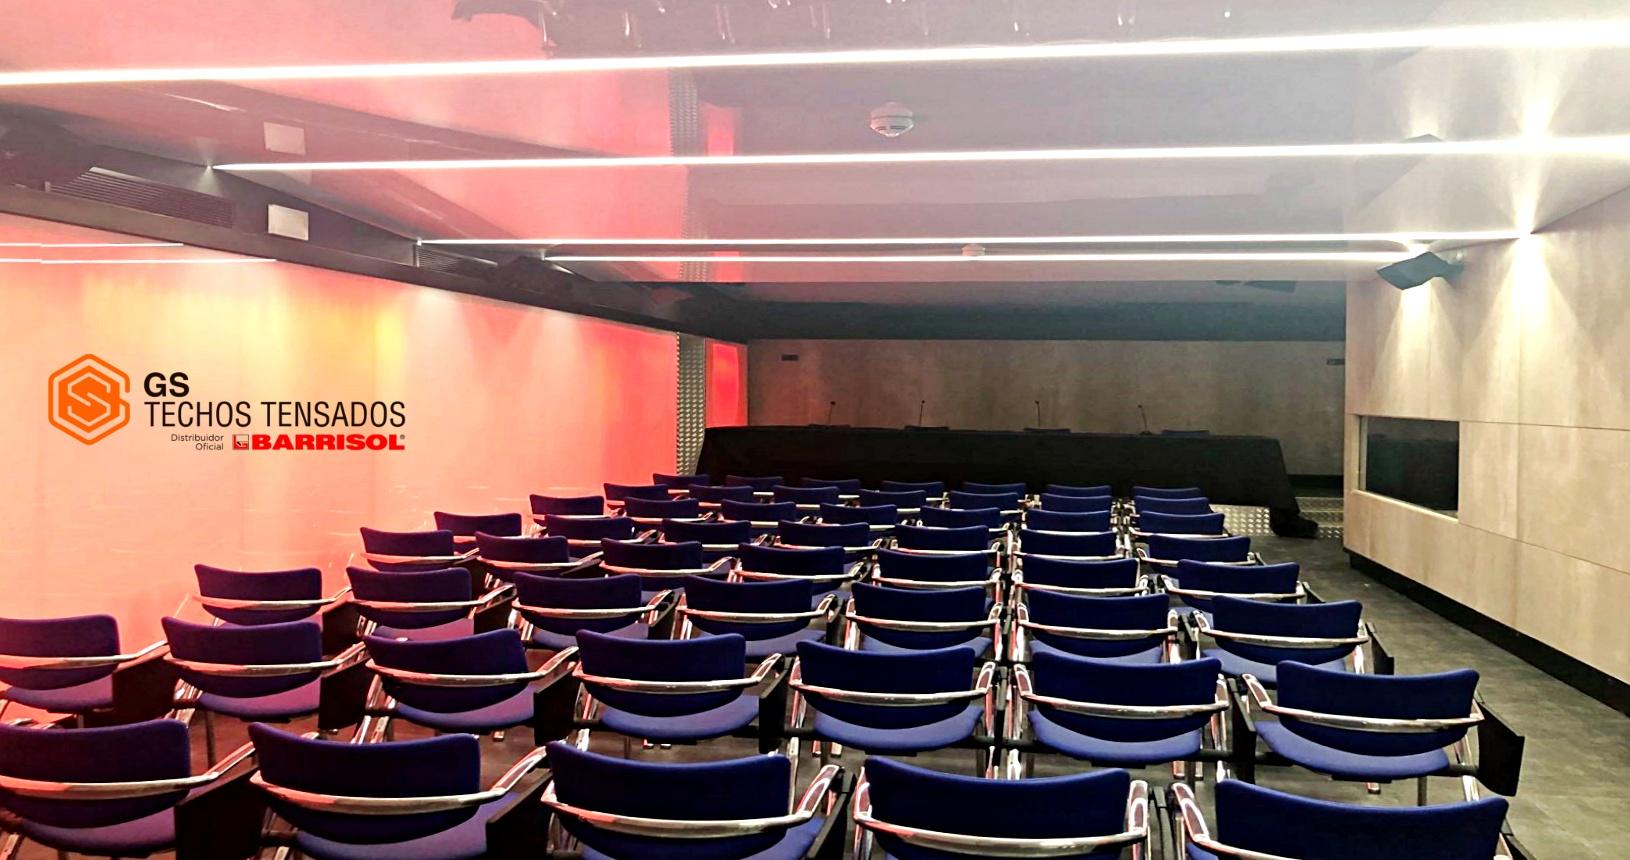 Sala de prensa de Wizink Center por Gs Techos Tensados Barrisol